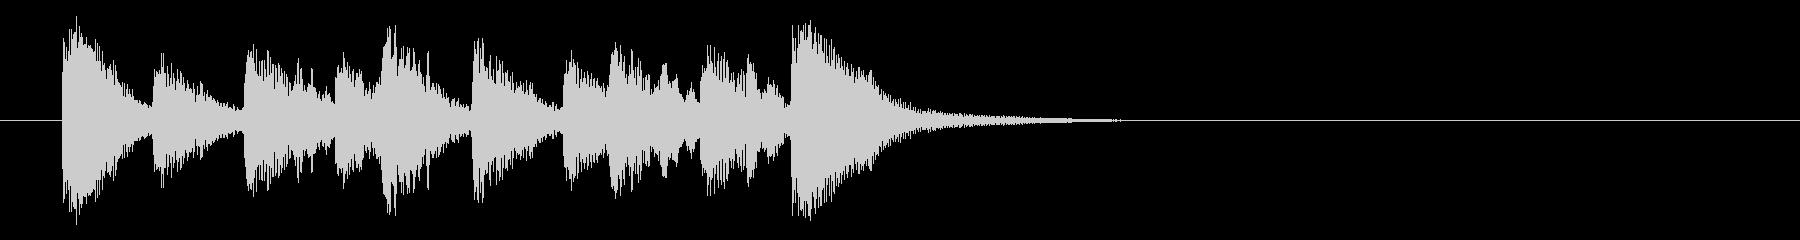 短い、アップテンポの音楽トラック(...の未再生の波形